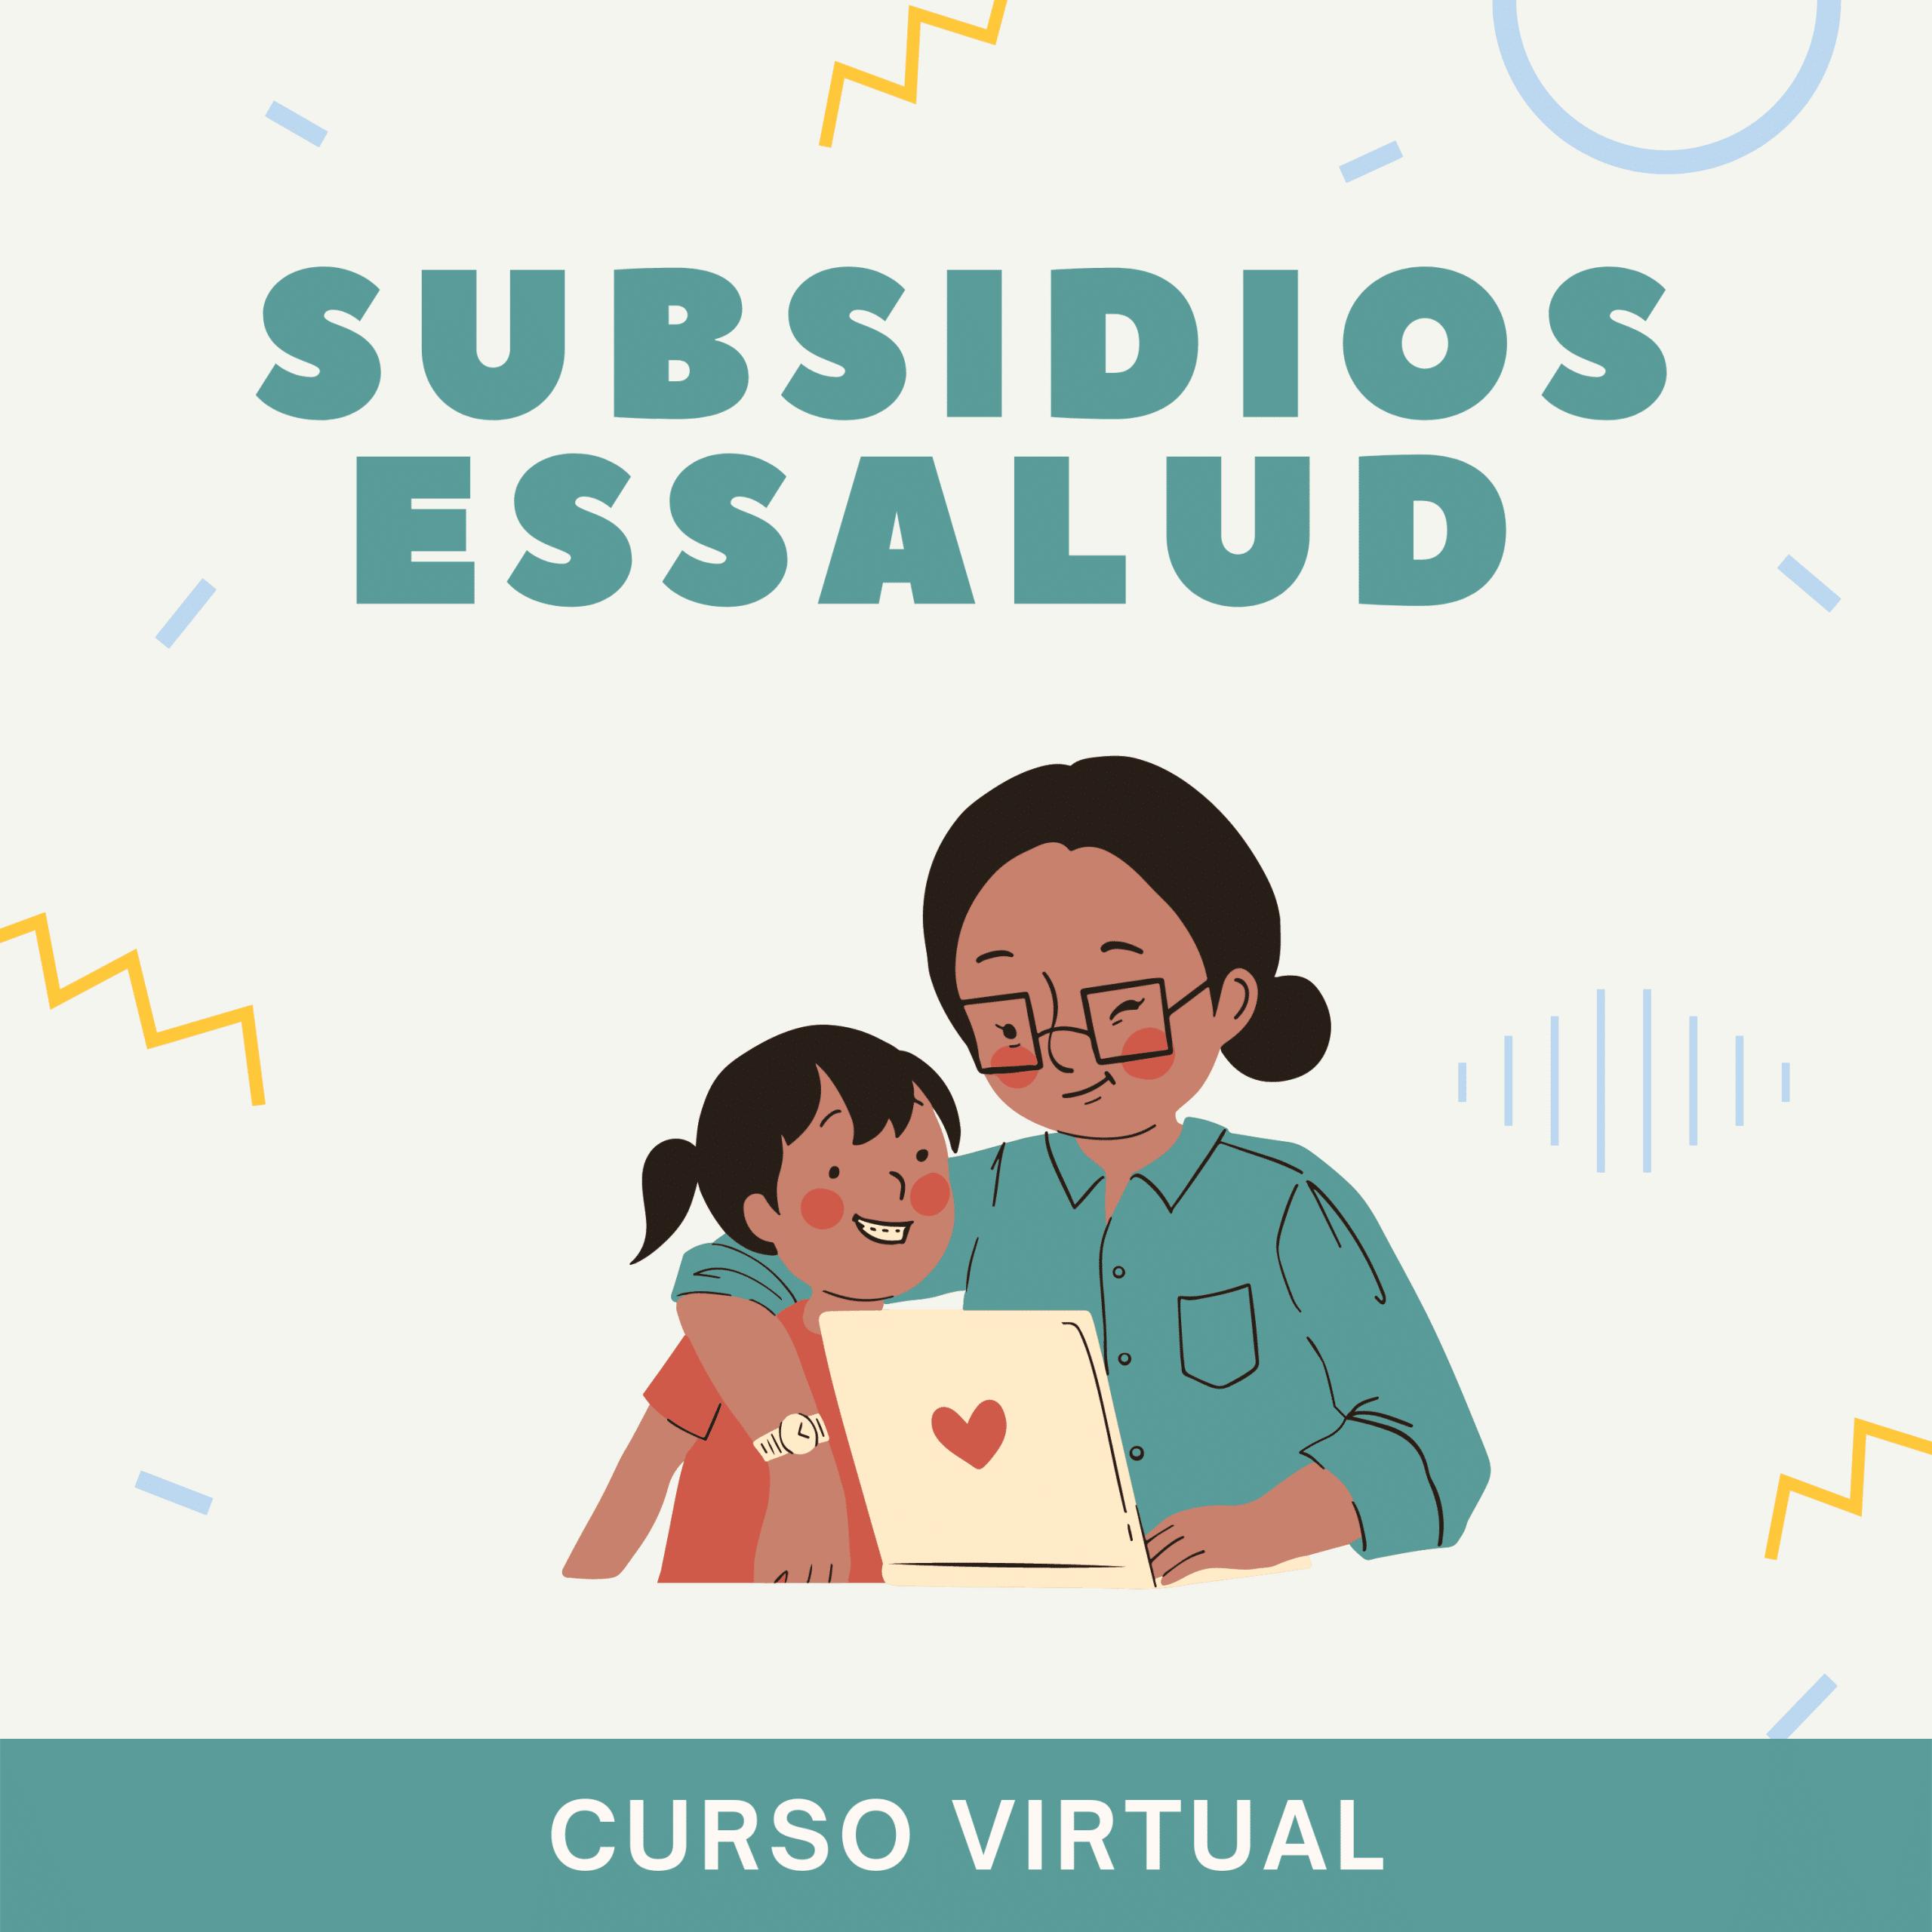 curso subsidios essalud